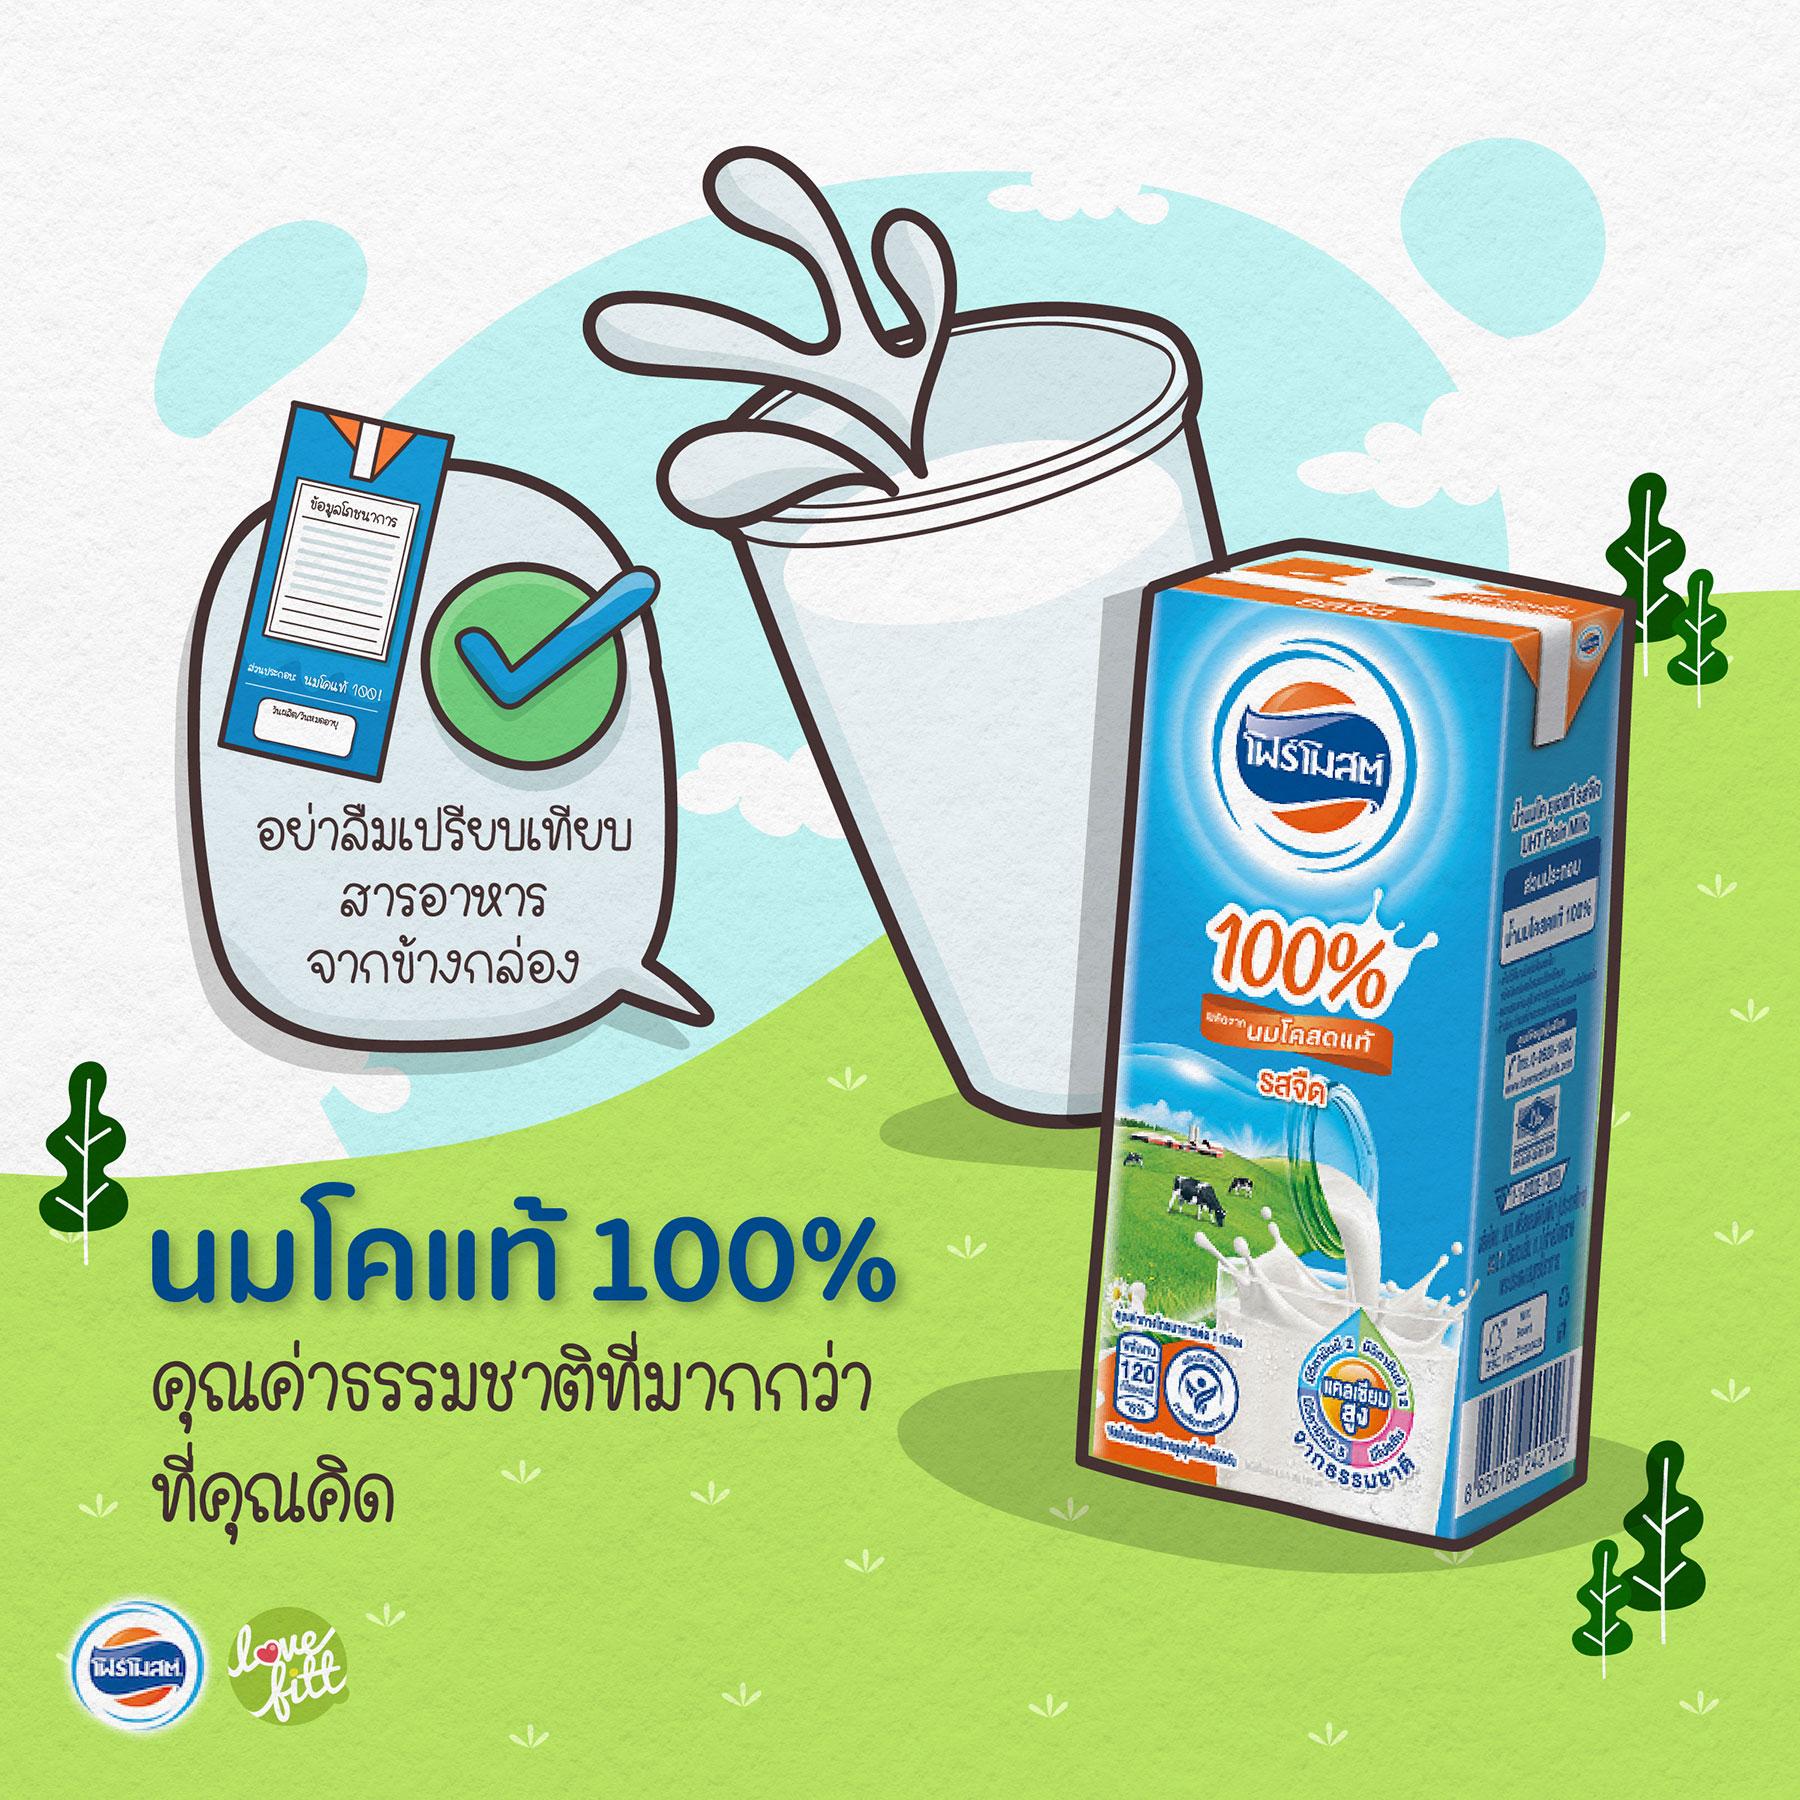 นมโฟร์โมสต์ นมโคแท้ 100% คุณค่าธรรมชาติ ที่มากกว่าที่คุณคิด